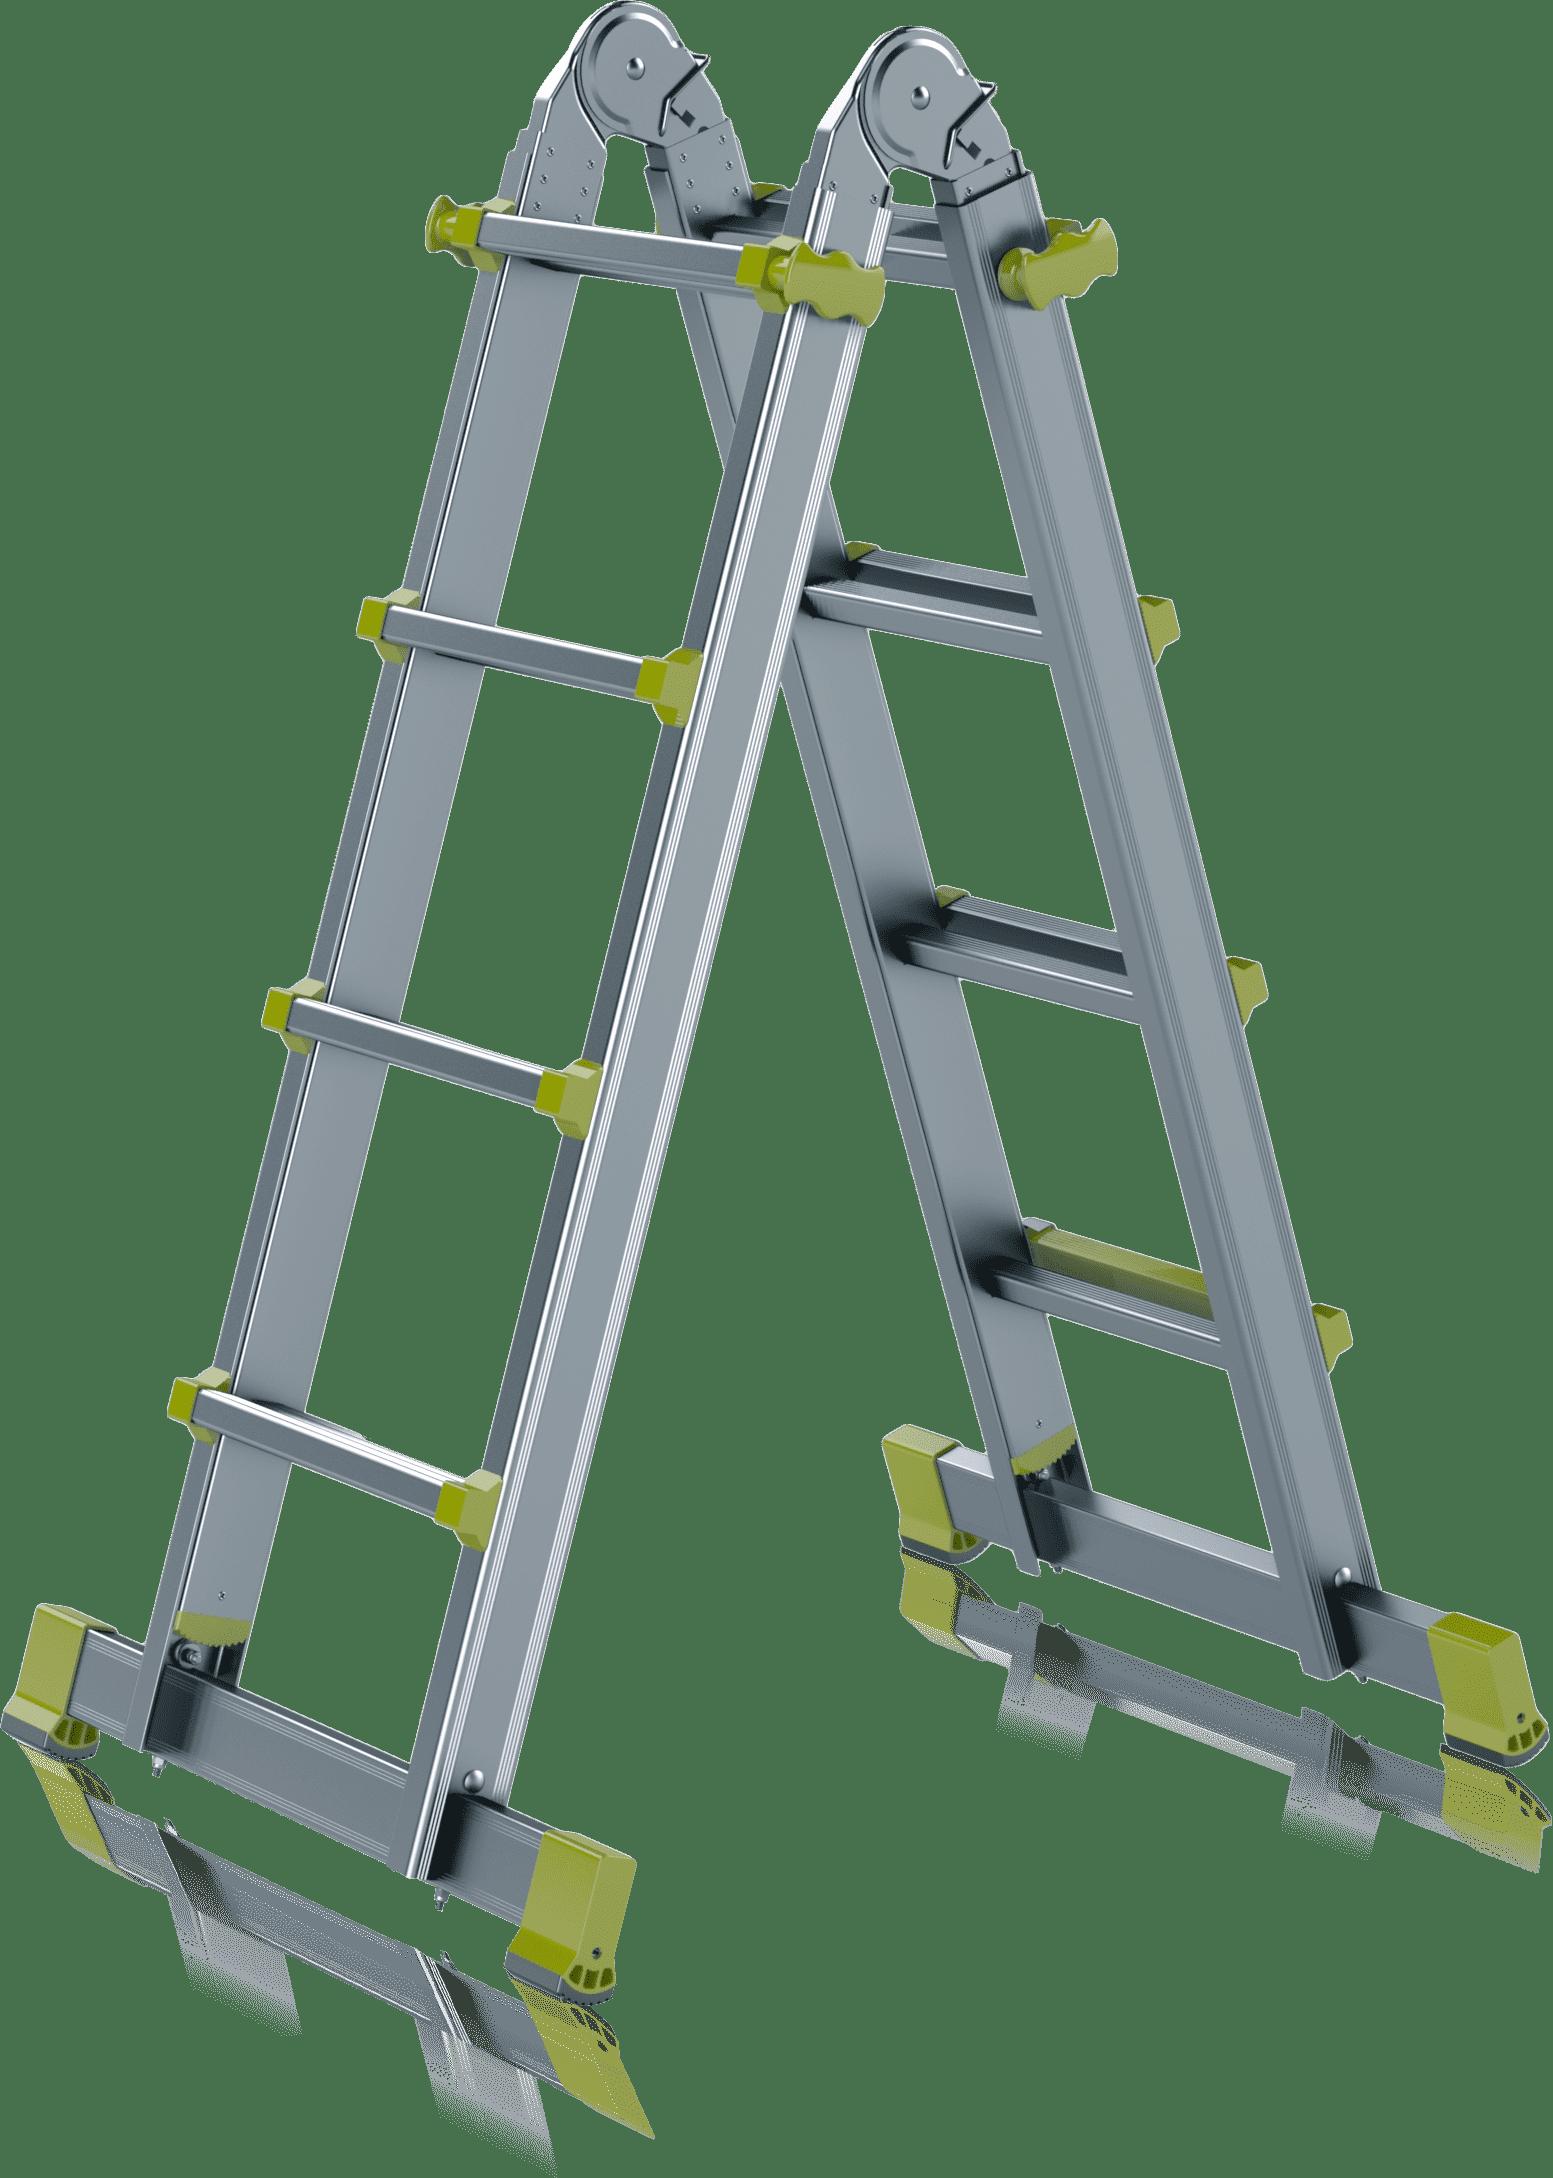 TELESKOPICKÝ HLINÍKOVÝ REBRÍK – Rada INDUSTRIE s priečnym stabilizátorom Typ 75-200F